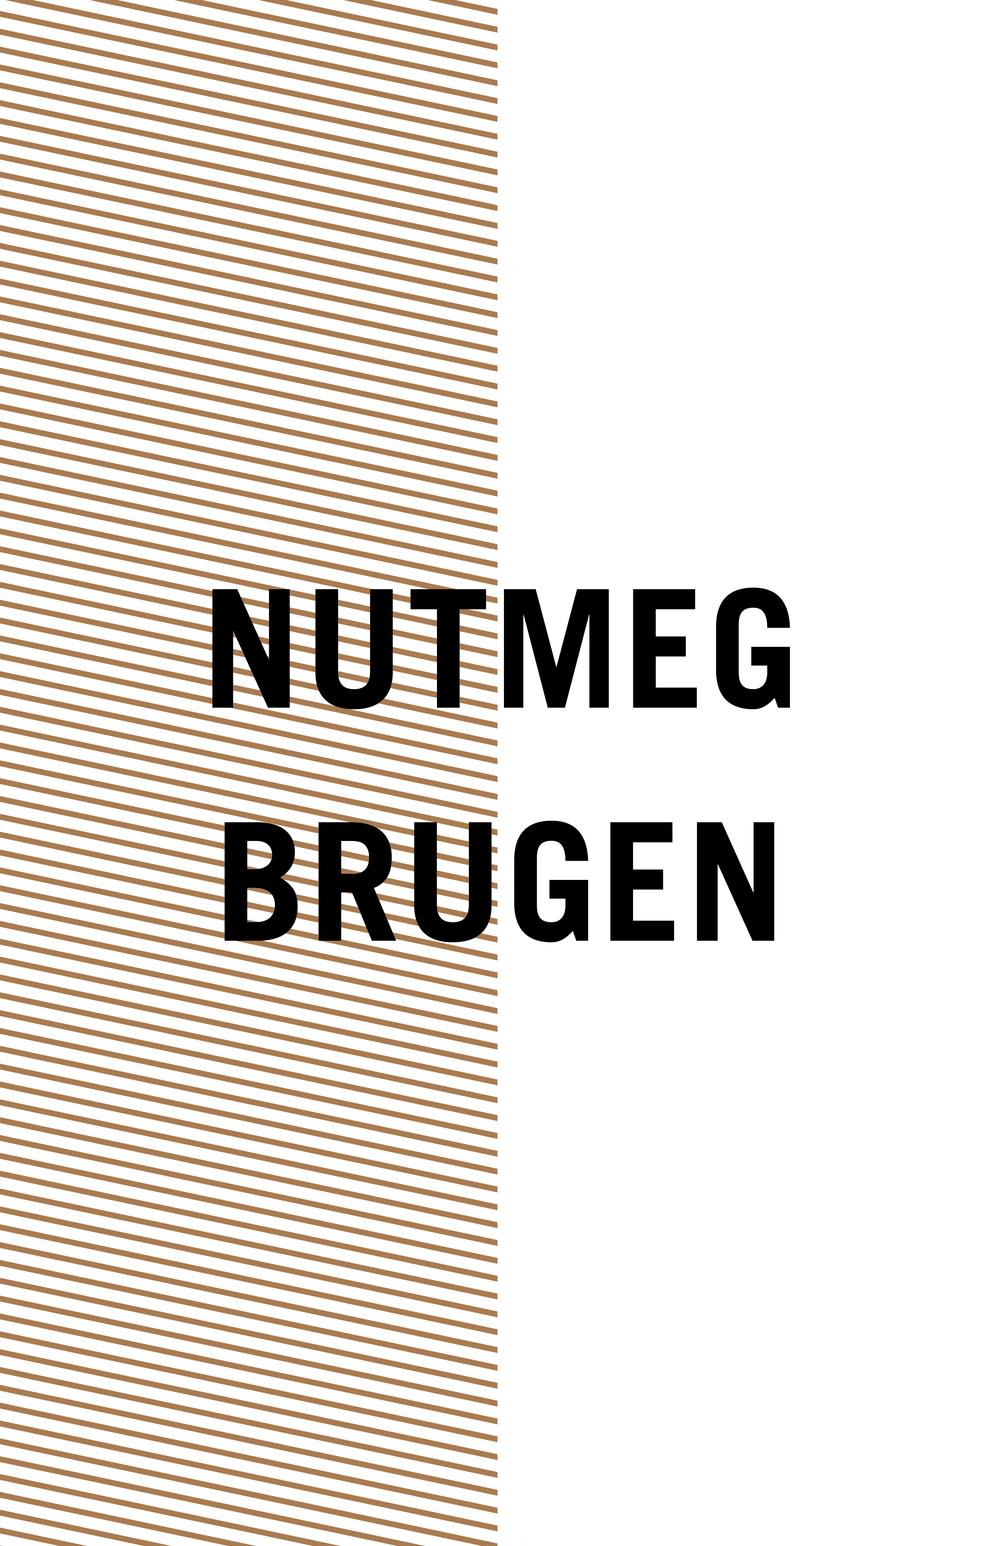 NutmegBrugen-03.png